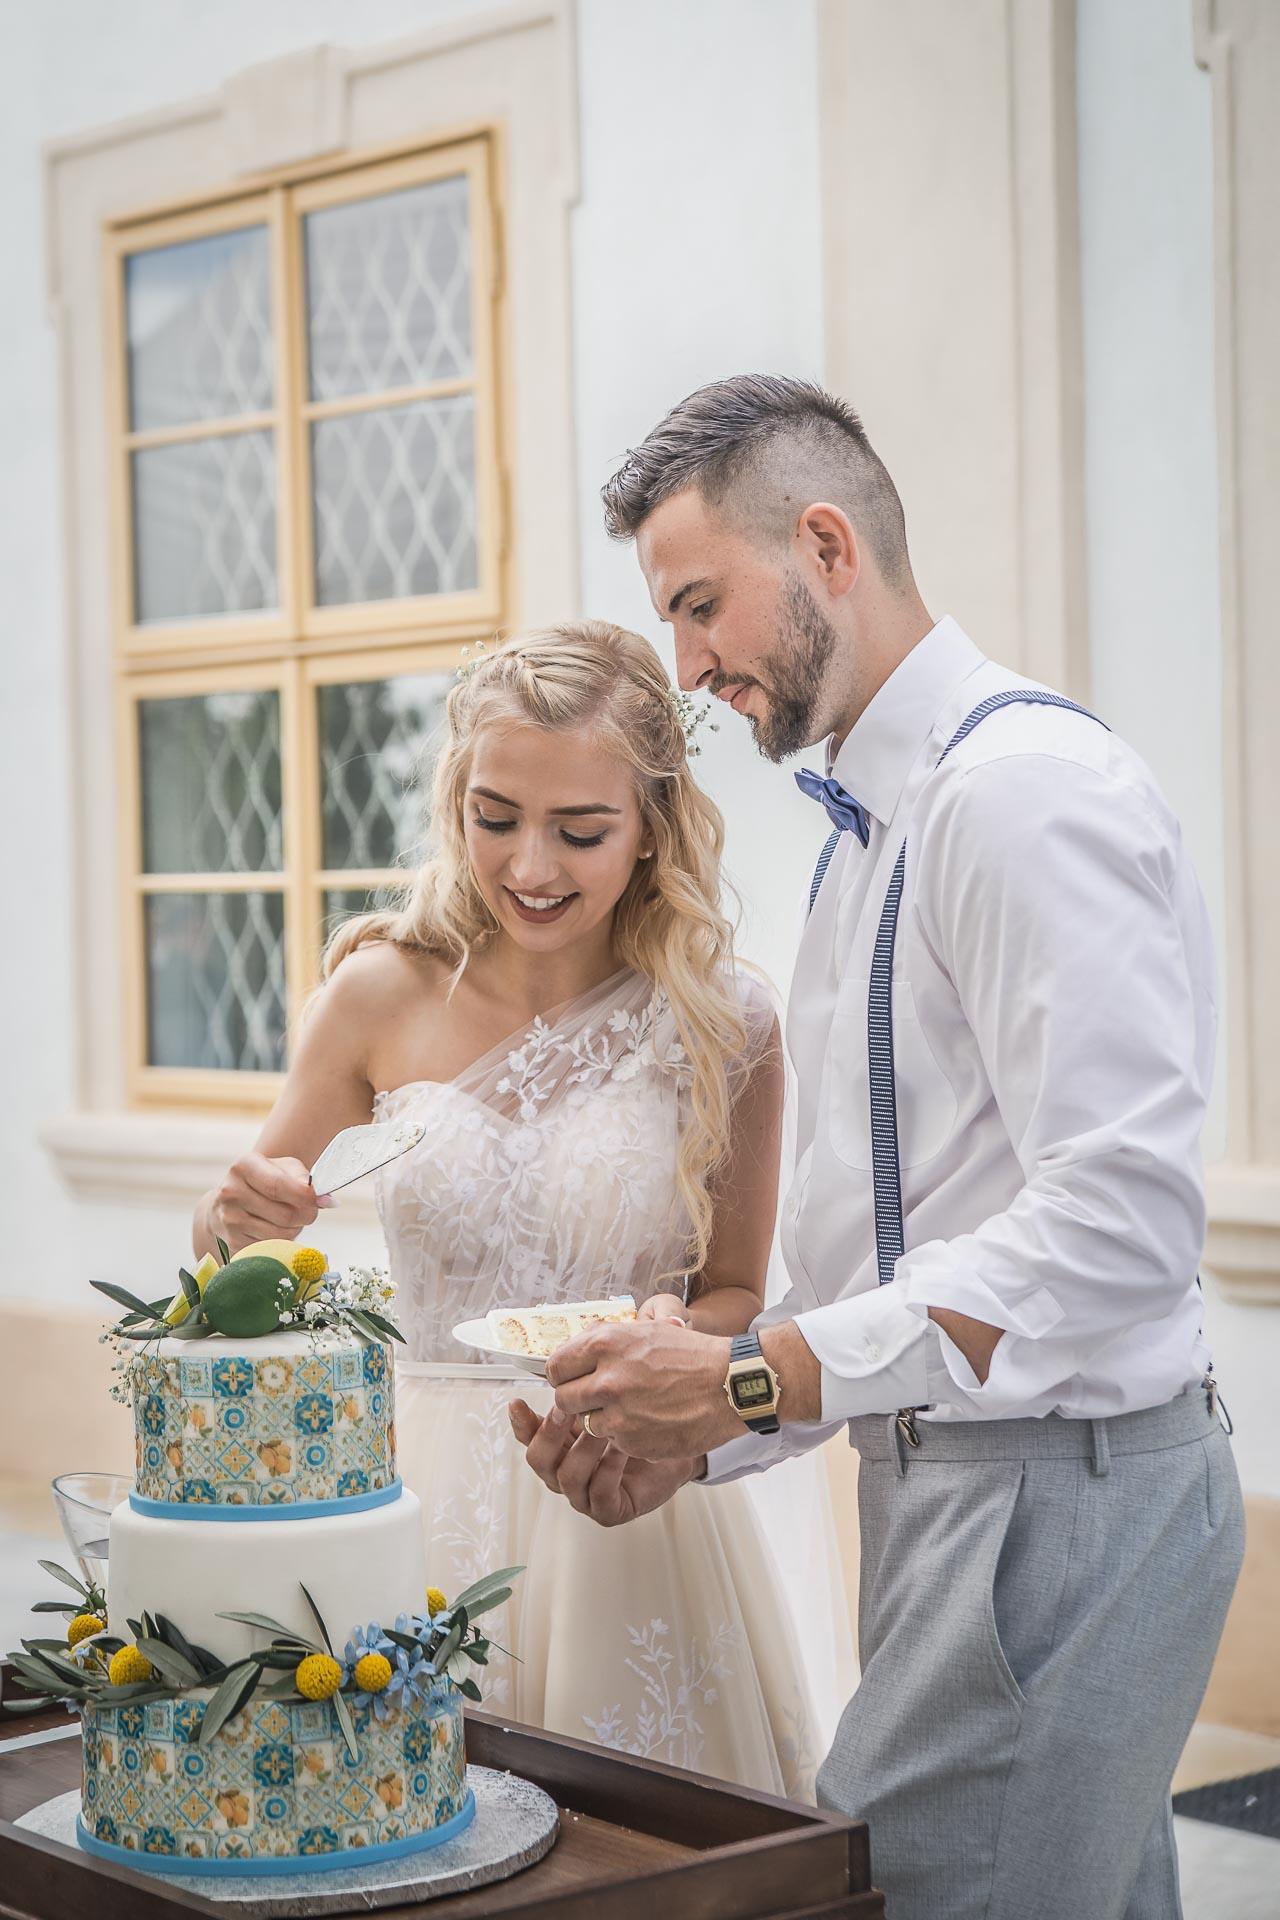 svatební-fotograf-zámek-Loučeň-svatební-video-zámek-Loučeň-4425